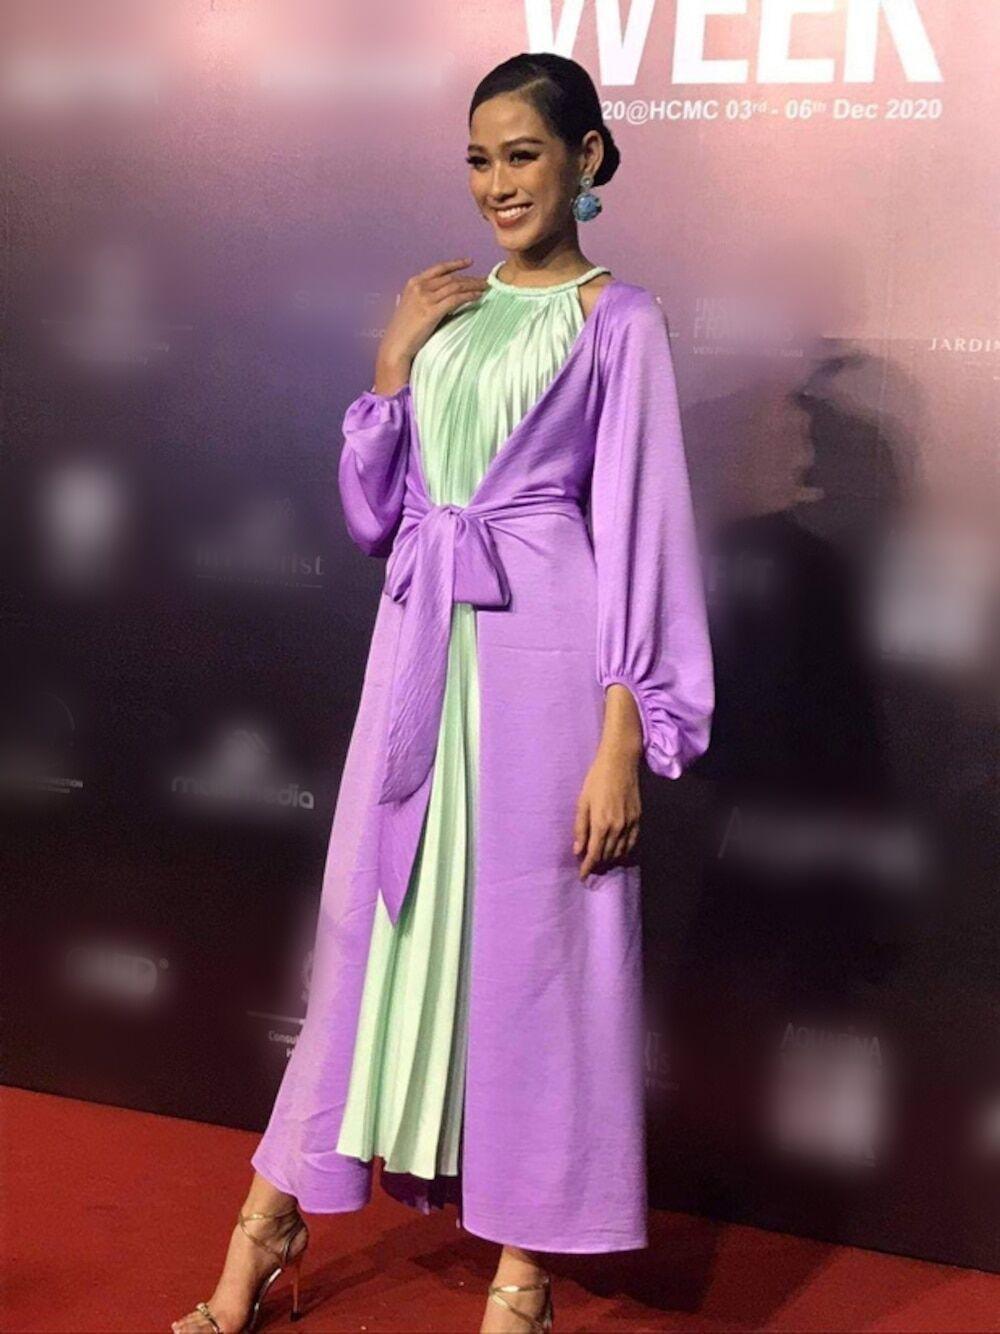 Hoa hậu Đỗ Thị Hà lần đầu nói về cân nặng và những ý kiến chê bai nhan sắc hậu đăng quang Ảnh 2